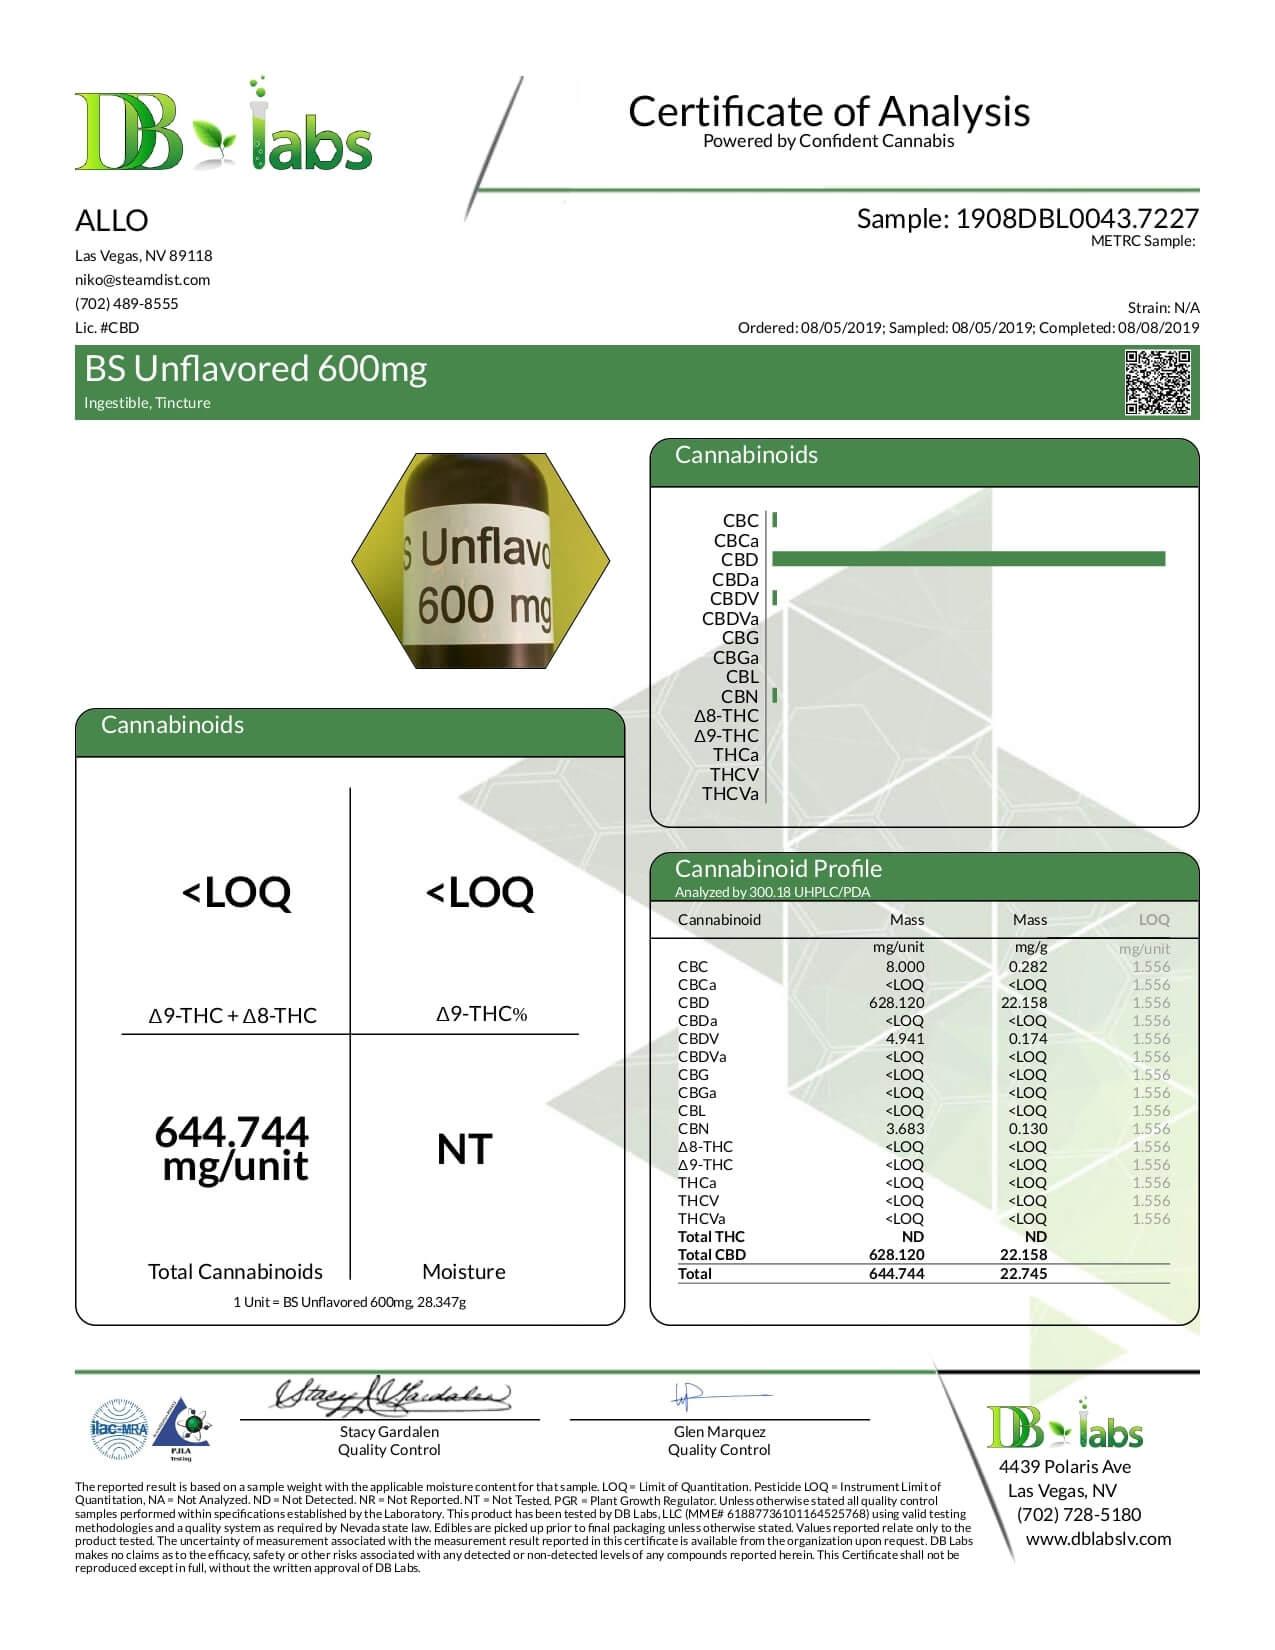 ALLO CBD Tincture Unflavored Lab Report 600mg